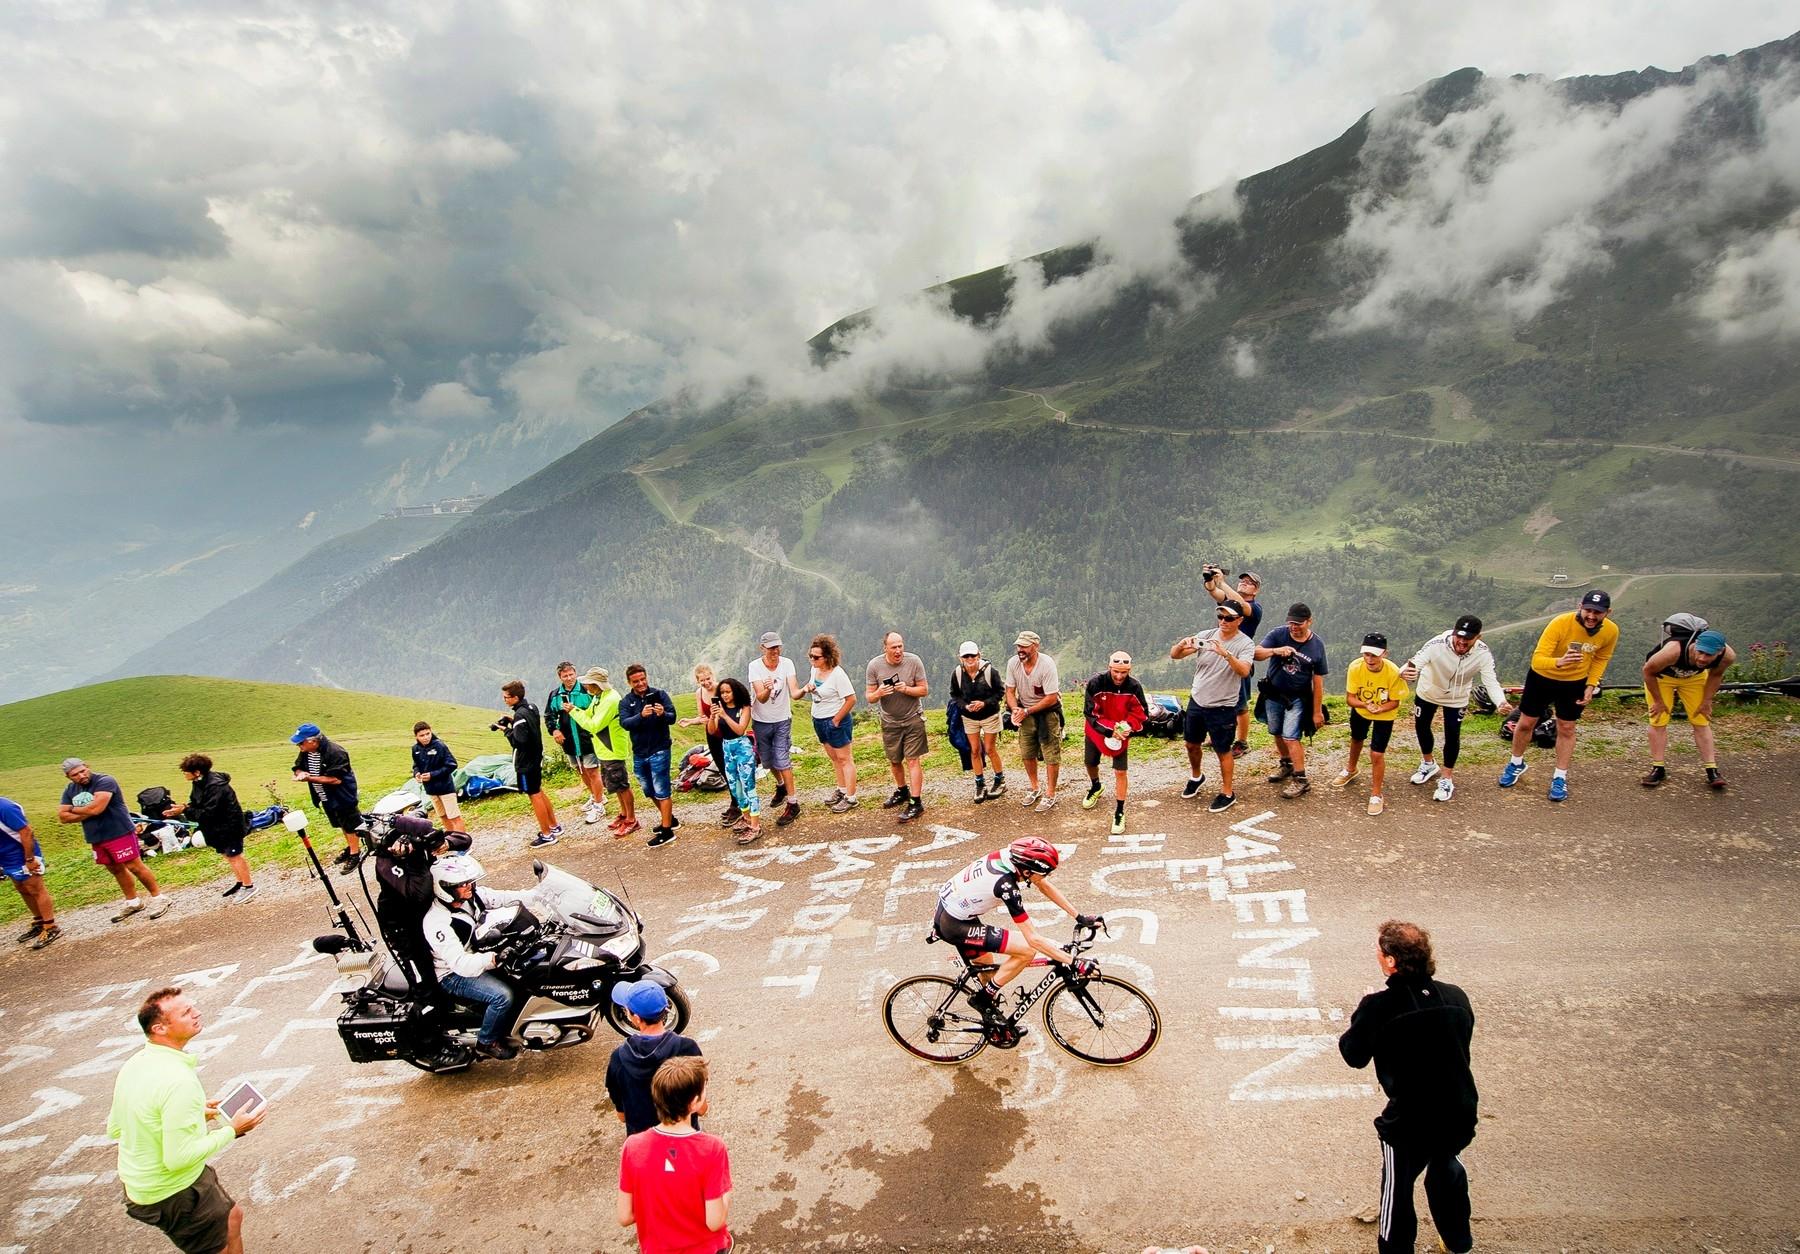 Col du Portet je postrachem cyklistů, přestože letos je v itineráři Tour de France teprve podruhé. Foto: profimedia (2x)